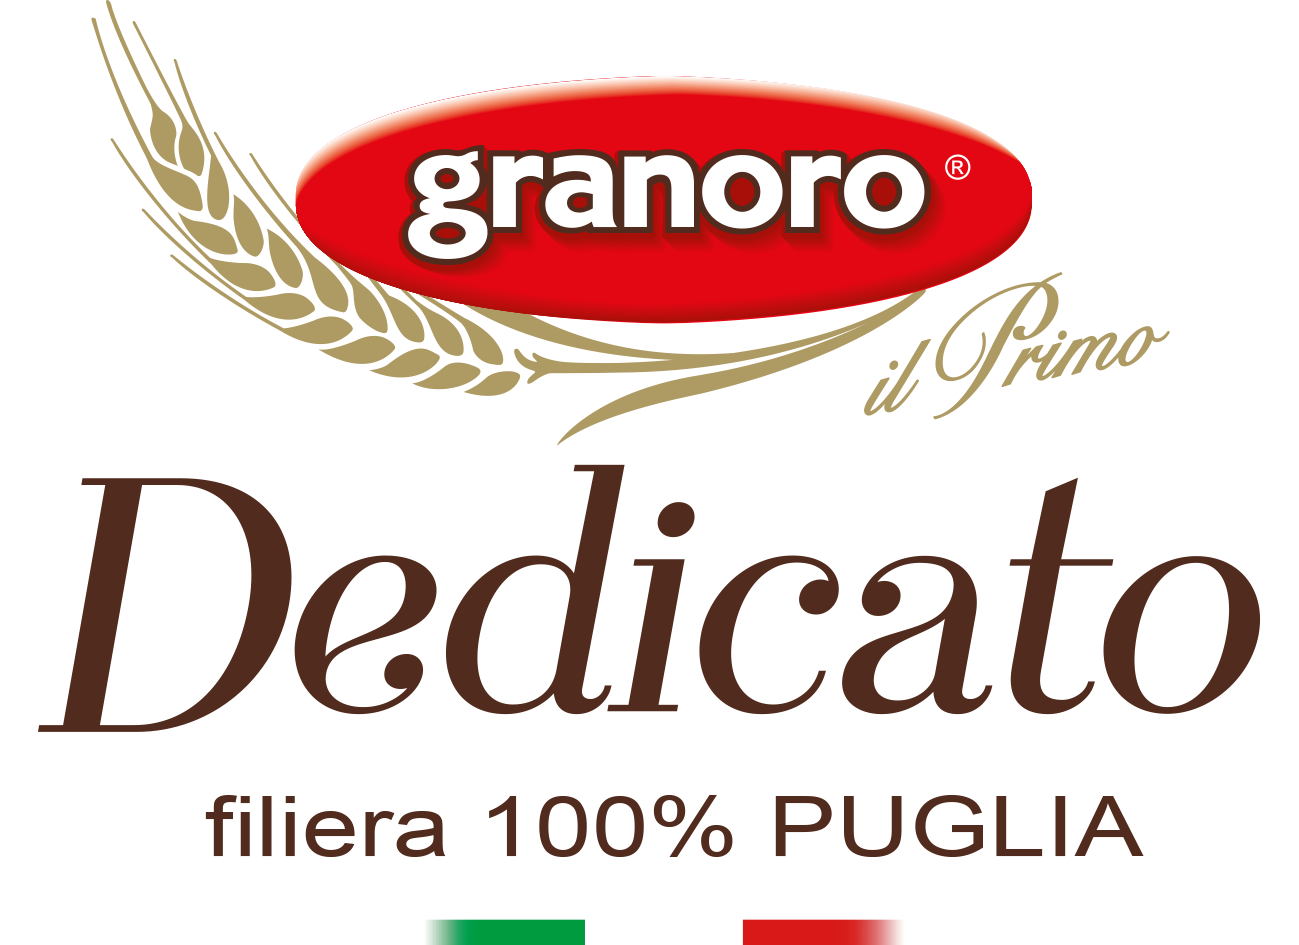 VALORIZZARE IL MADE IN PUGLIA: GRANORO AL CIBUS CONNECT DI PARMA